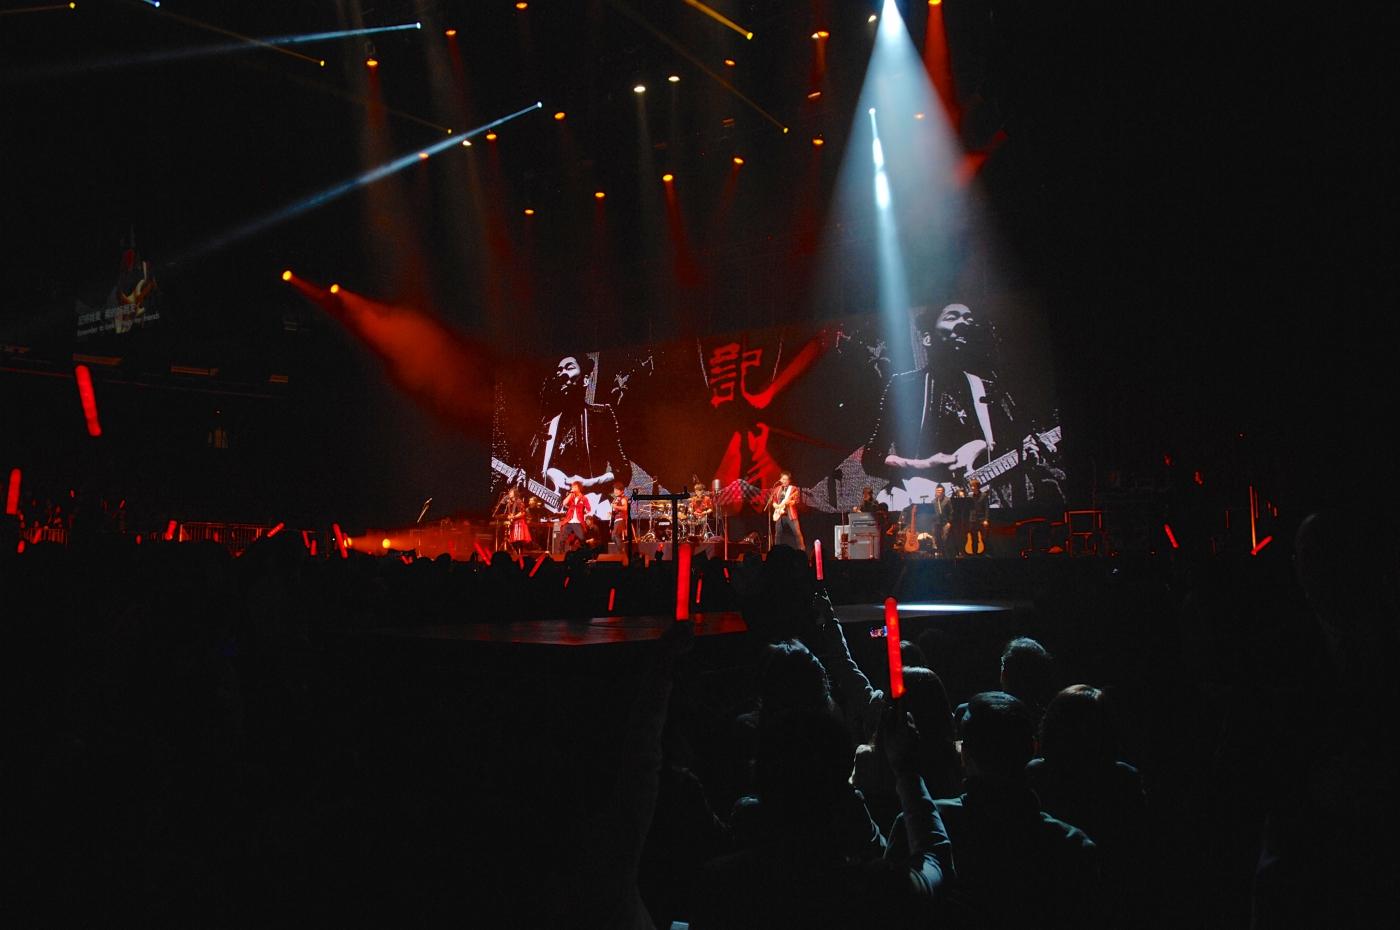 圖博-五月天今晚創造歷史, 引爆麥迪遜花園廣場Madison Square Garden-一萬多歌迷共同 ..._图1-3